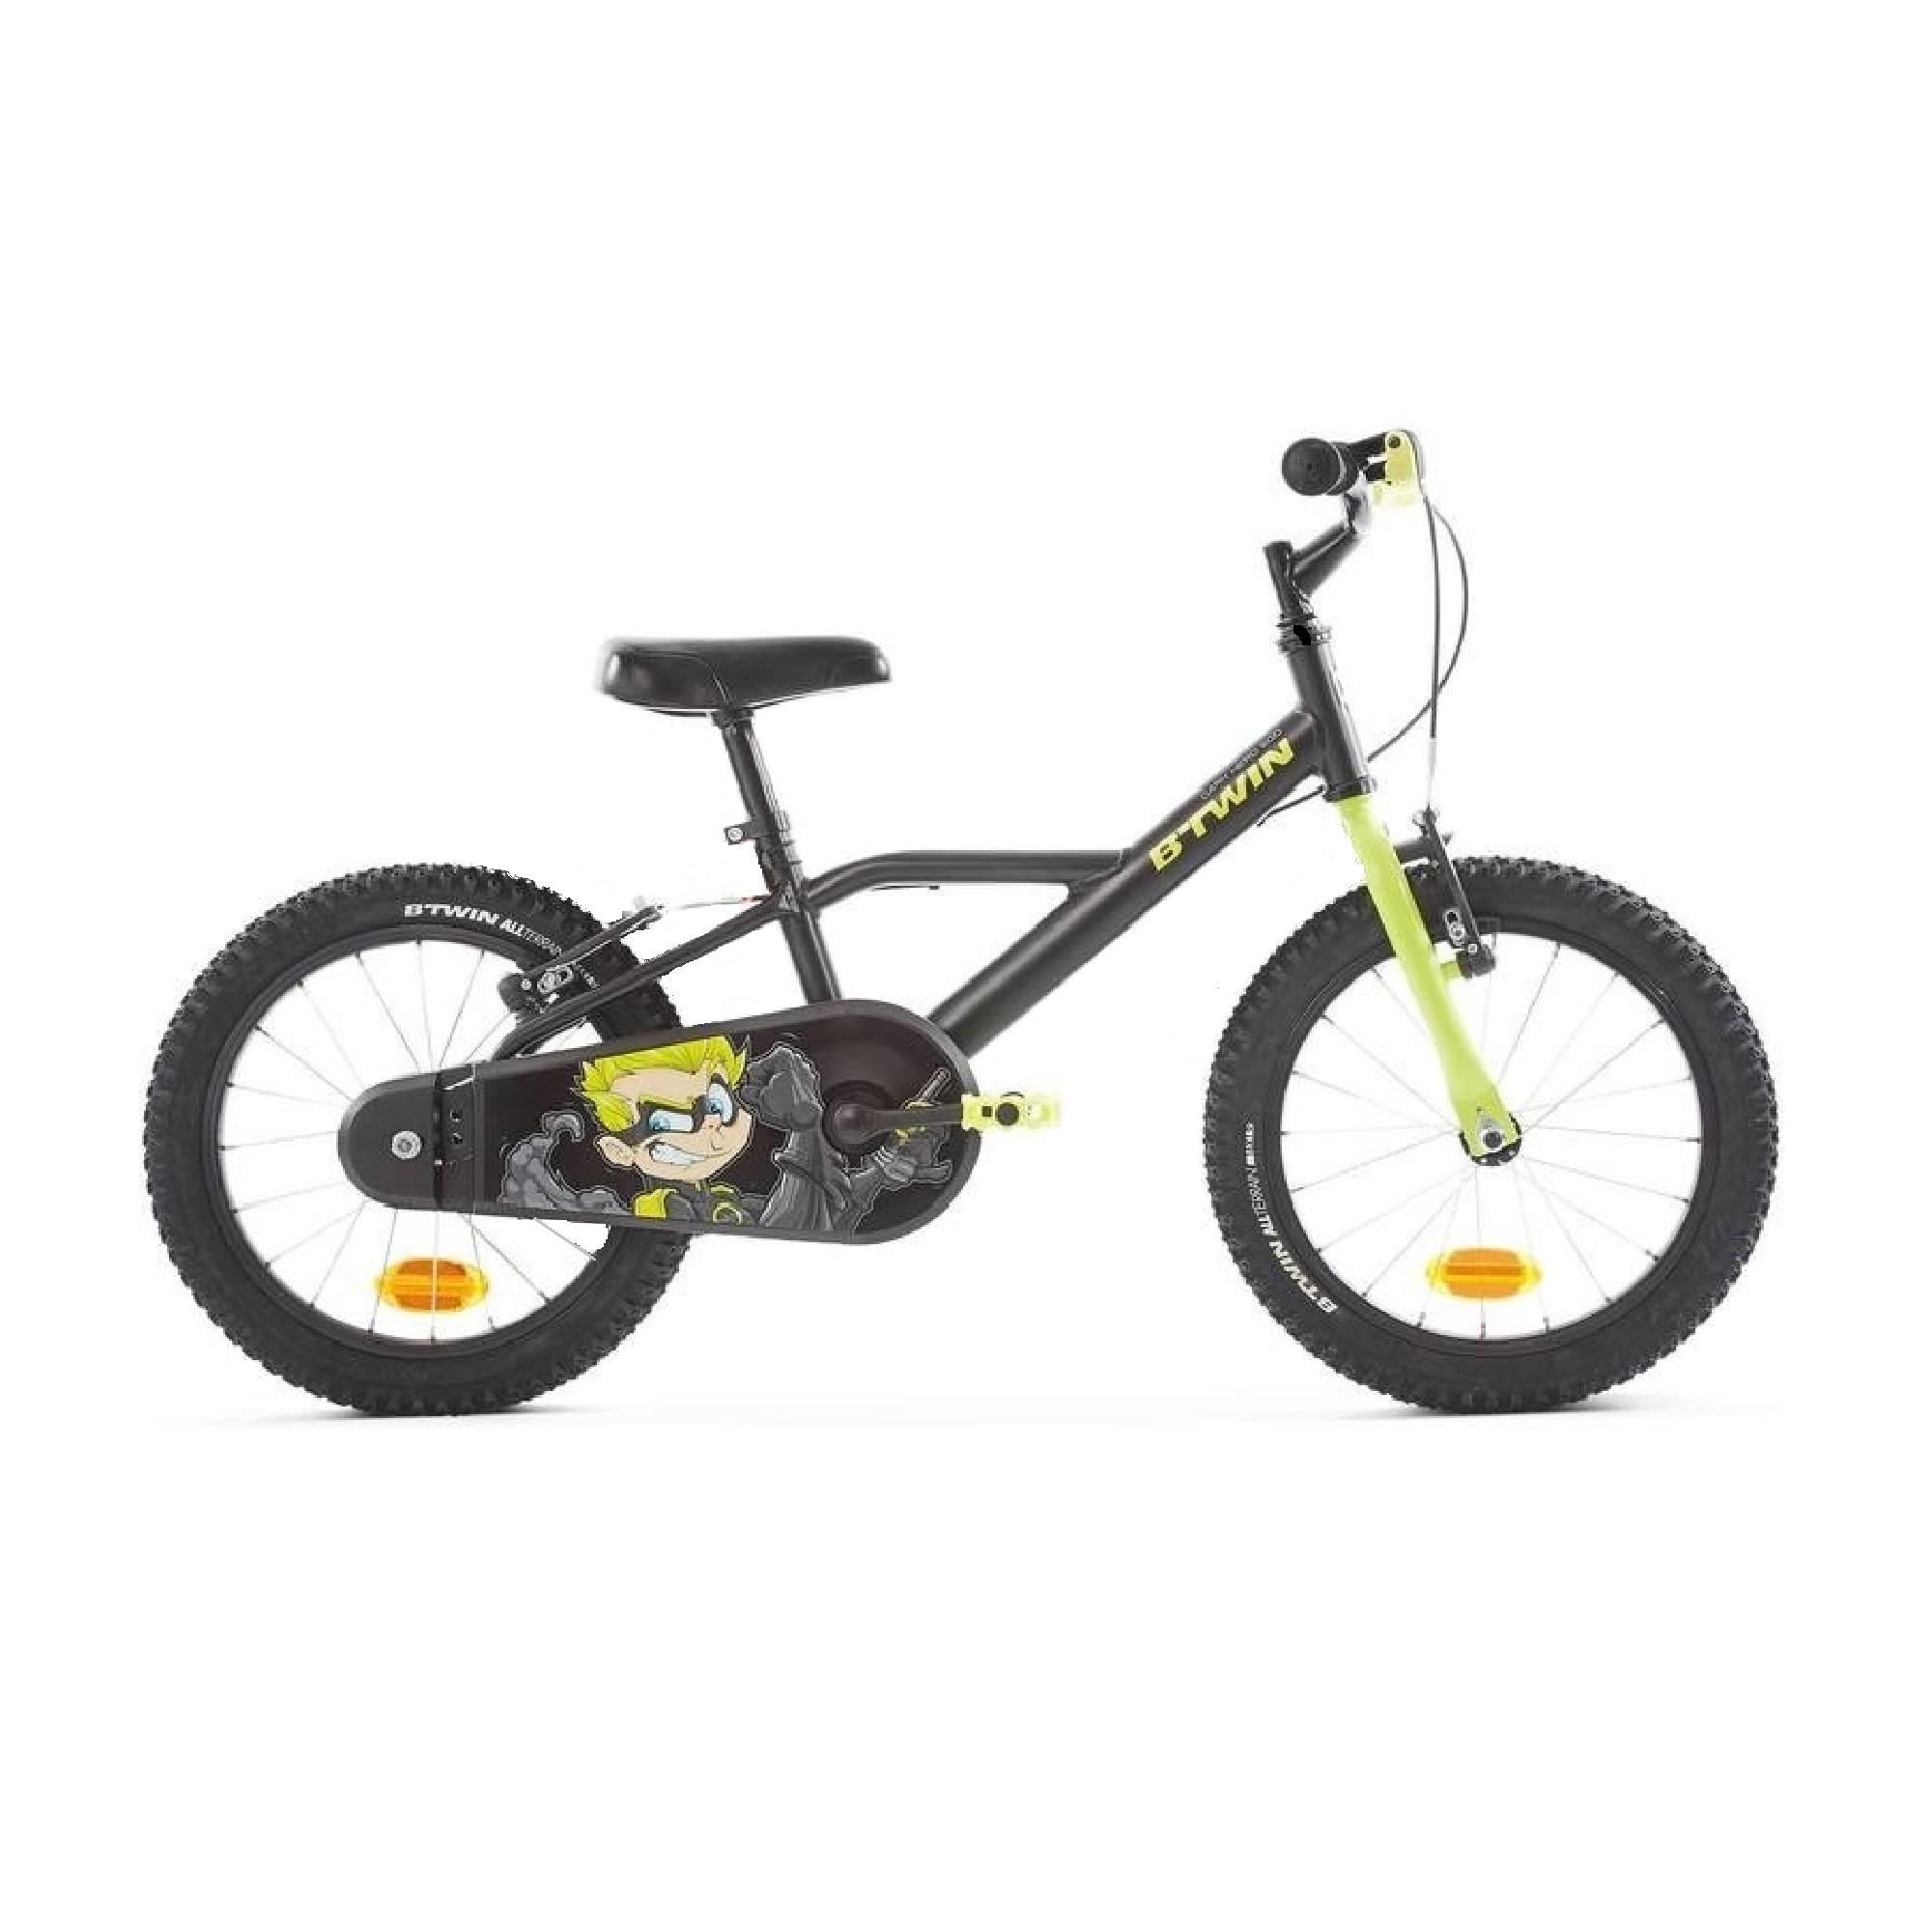 KIDS CYCLE 4 - 6 YEARS DARKHERO 500